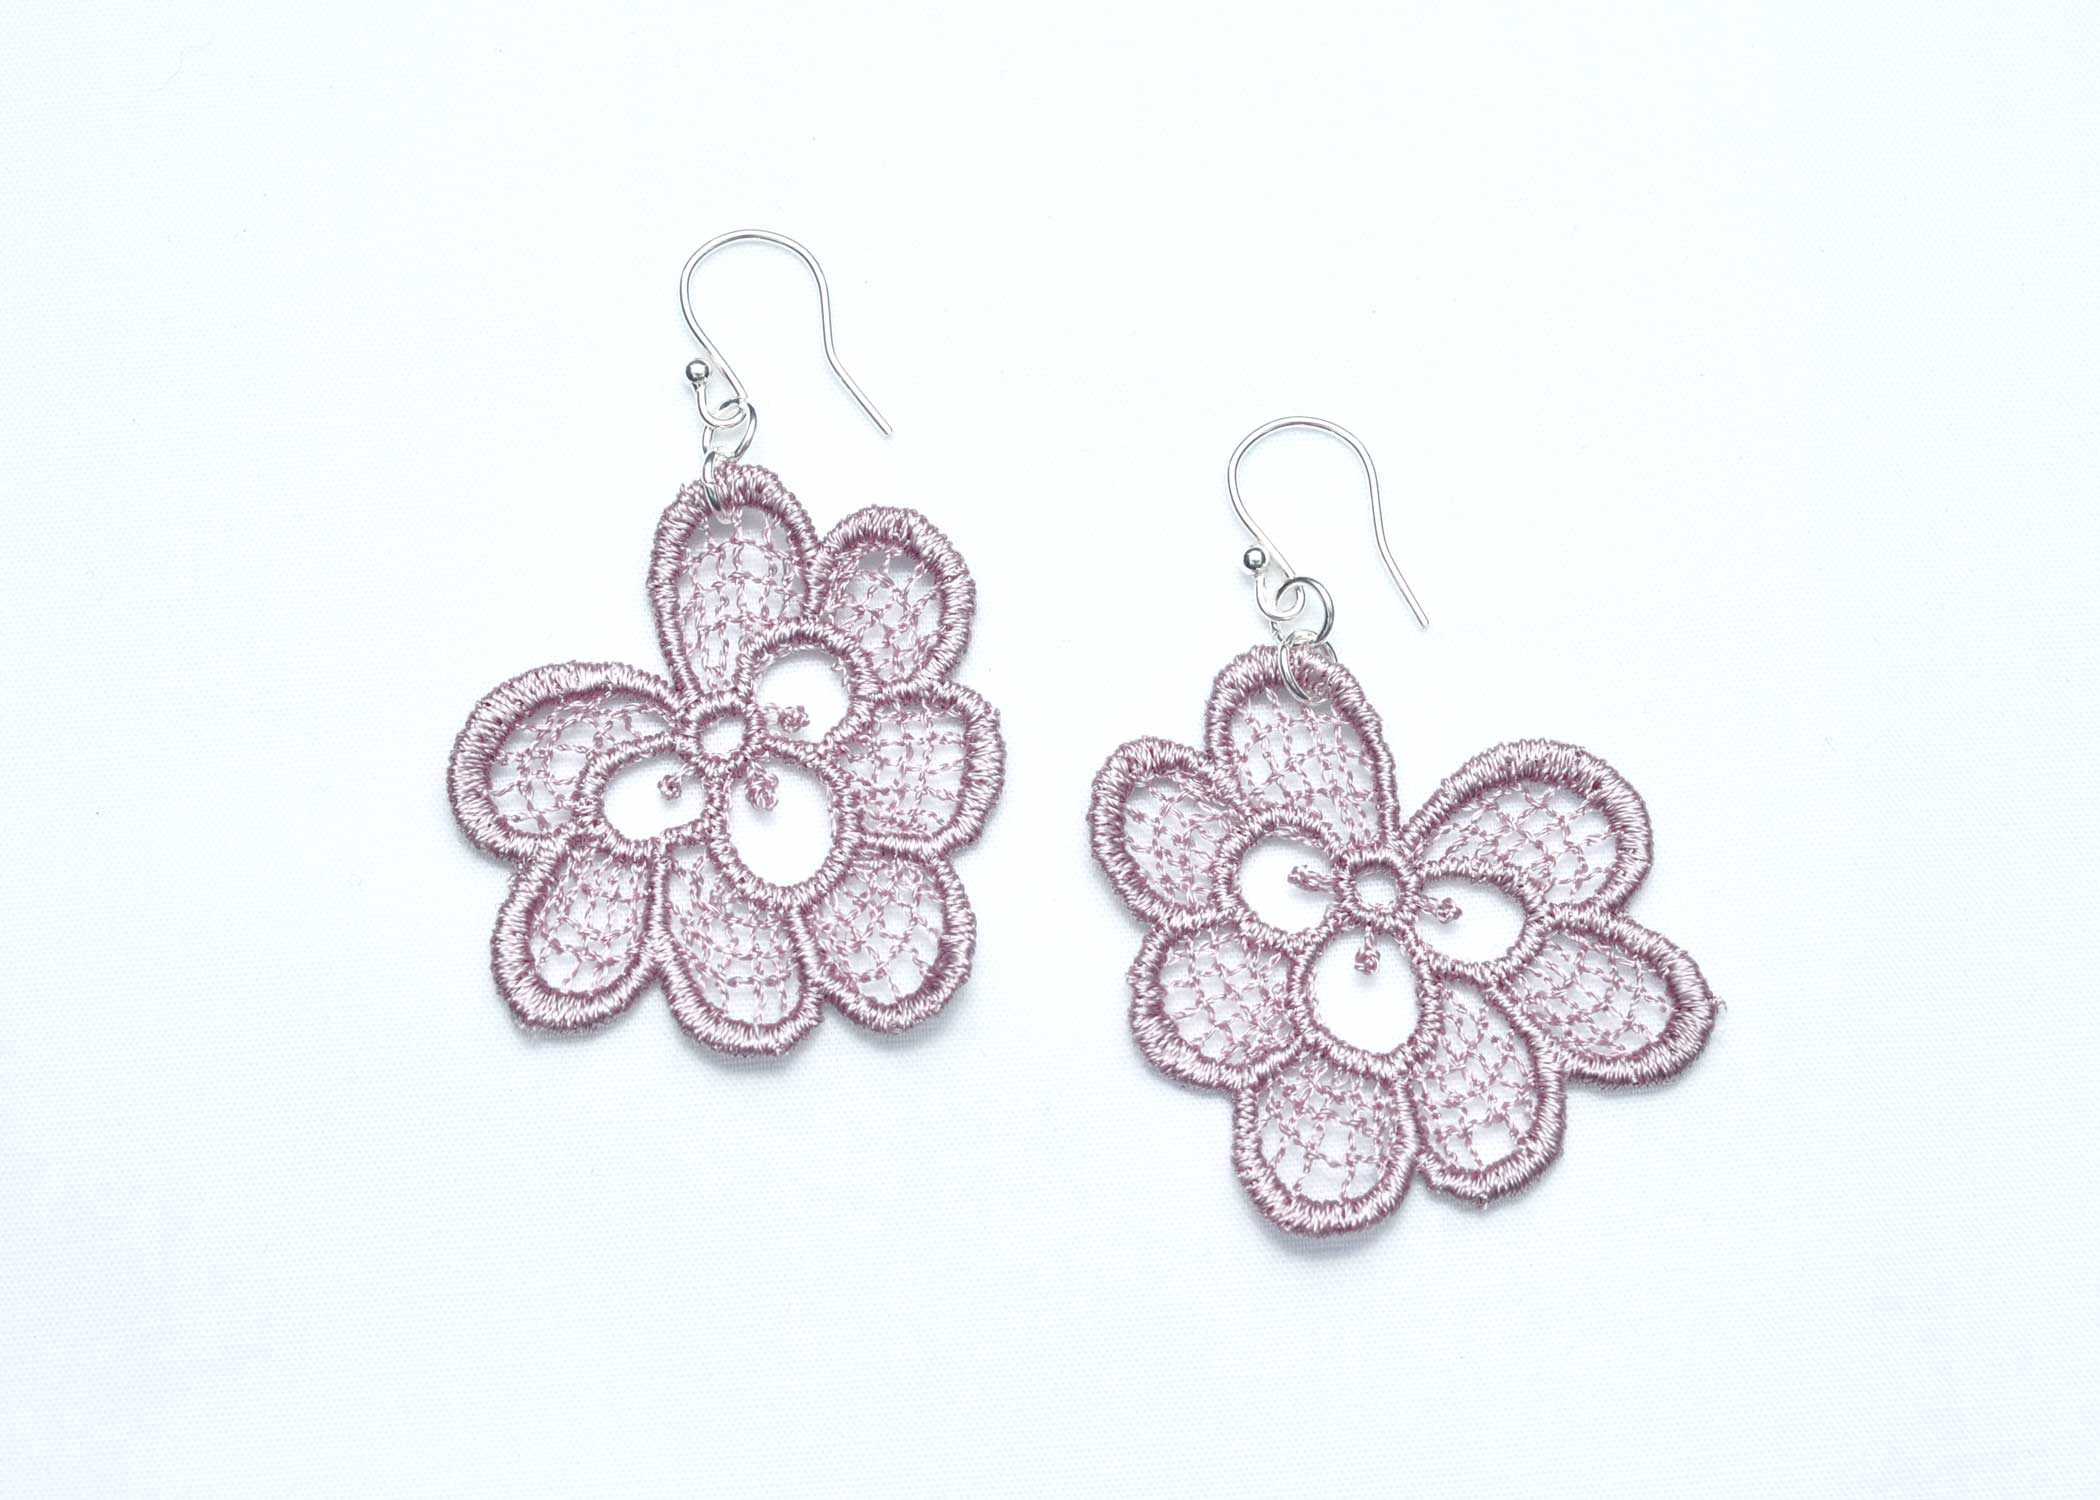 Oak Leaf Earrings, £17.50